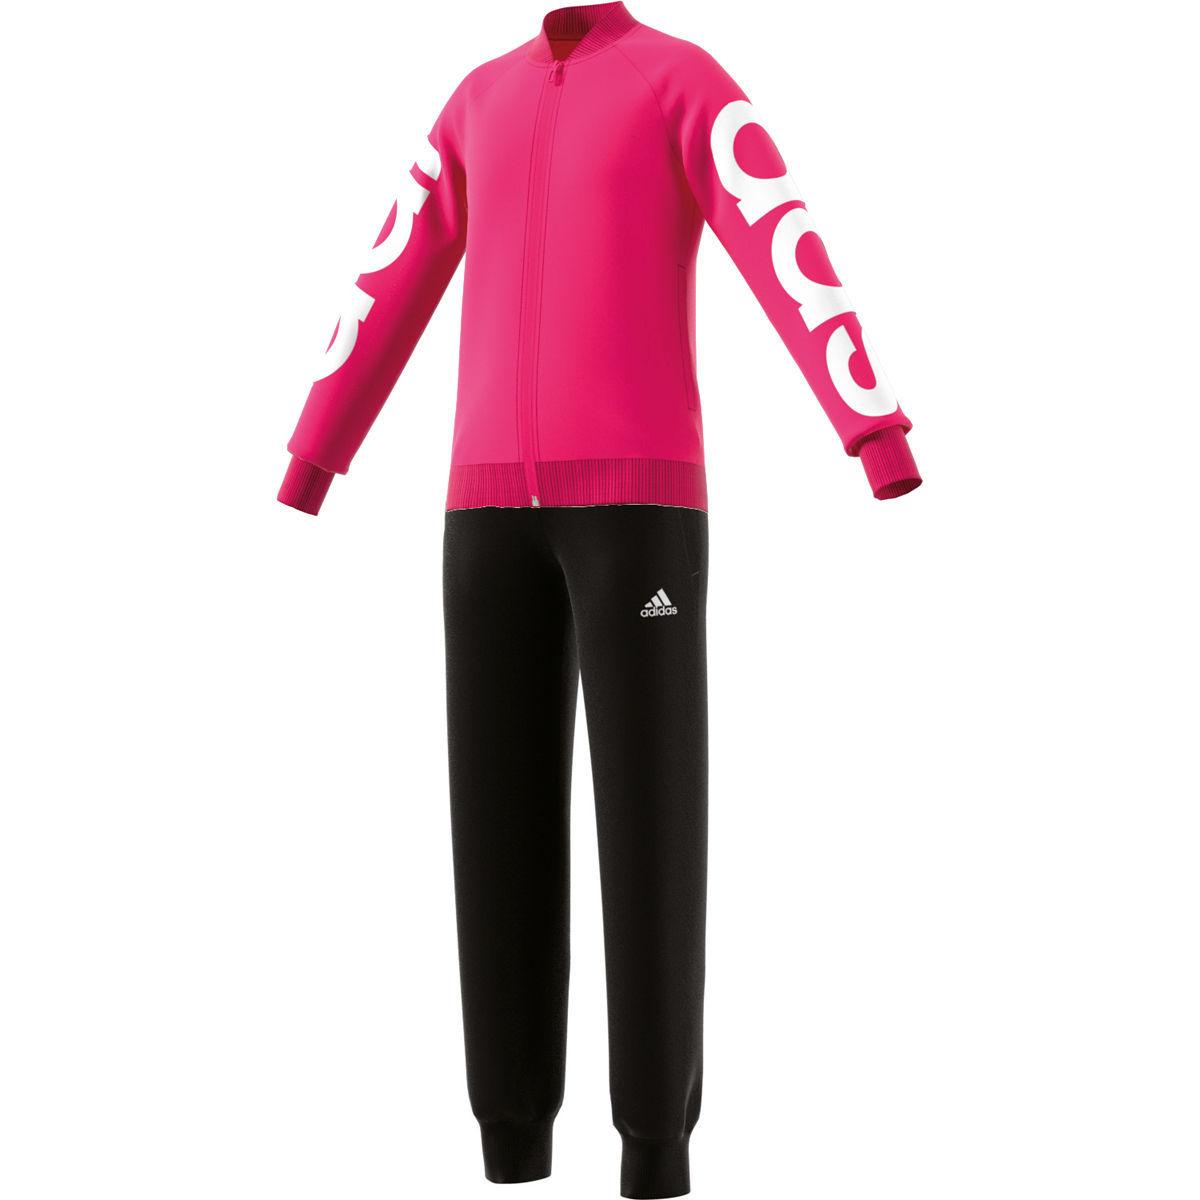 [Karstadt]  adidas Mädchen Trainingsanzug, pink/schwarz oder marine/mint Gr.128